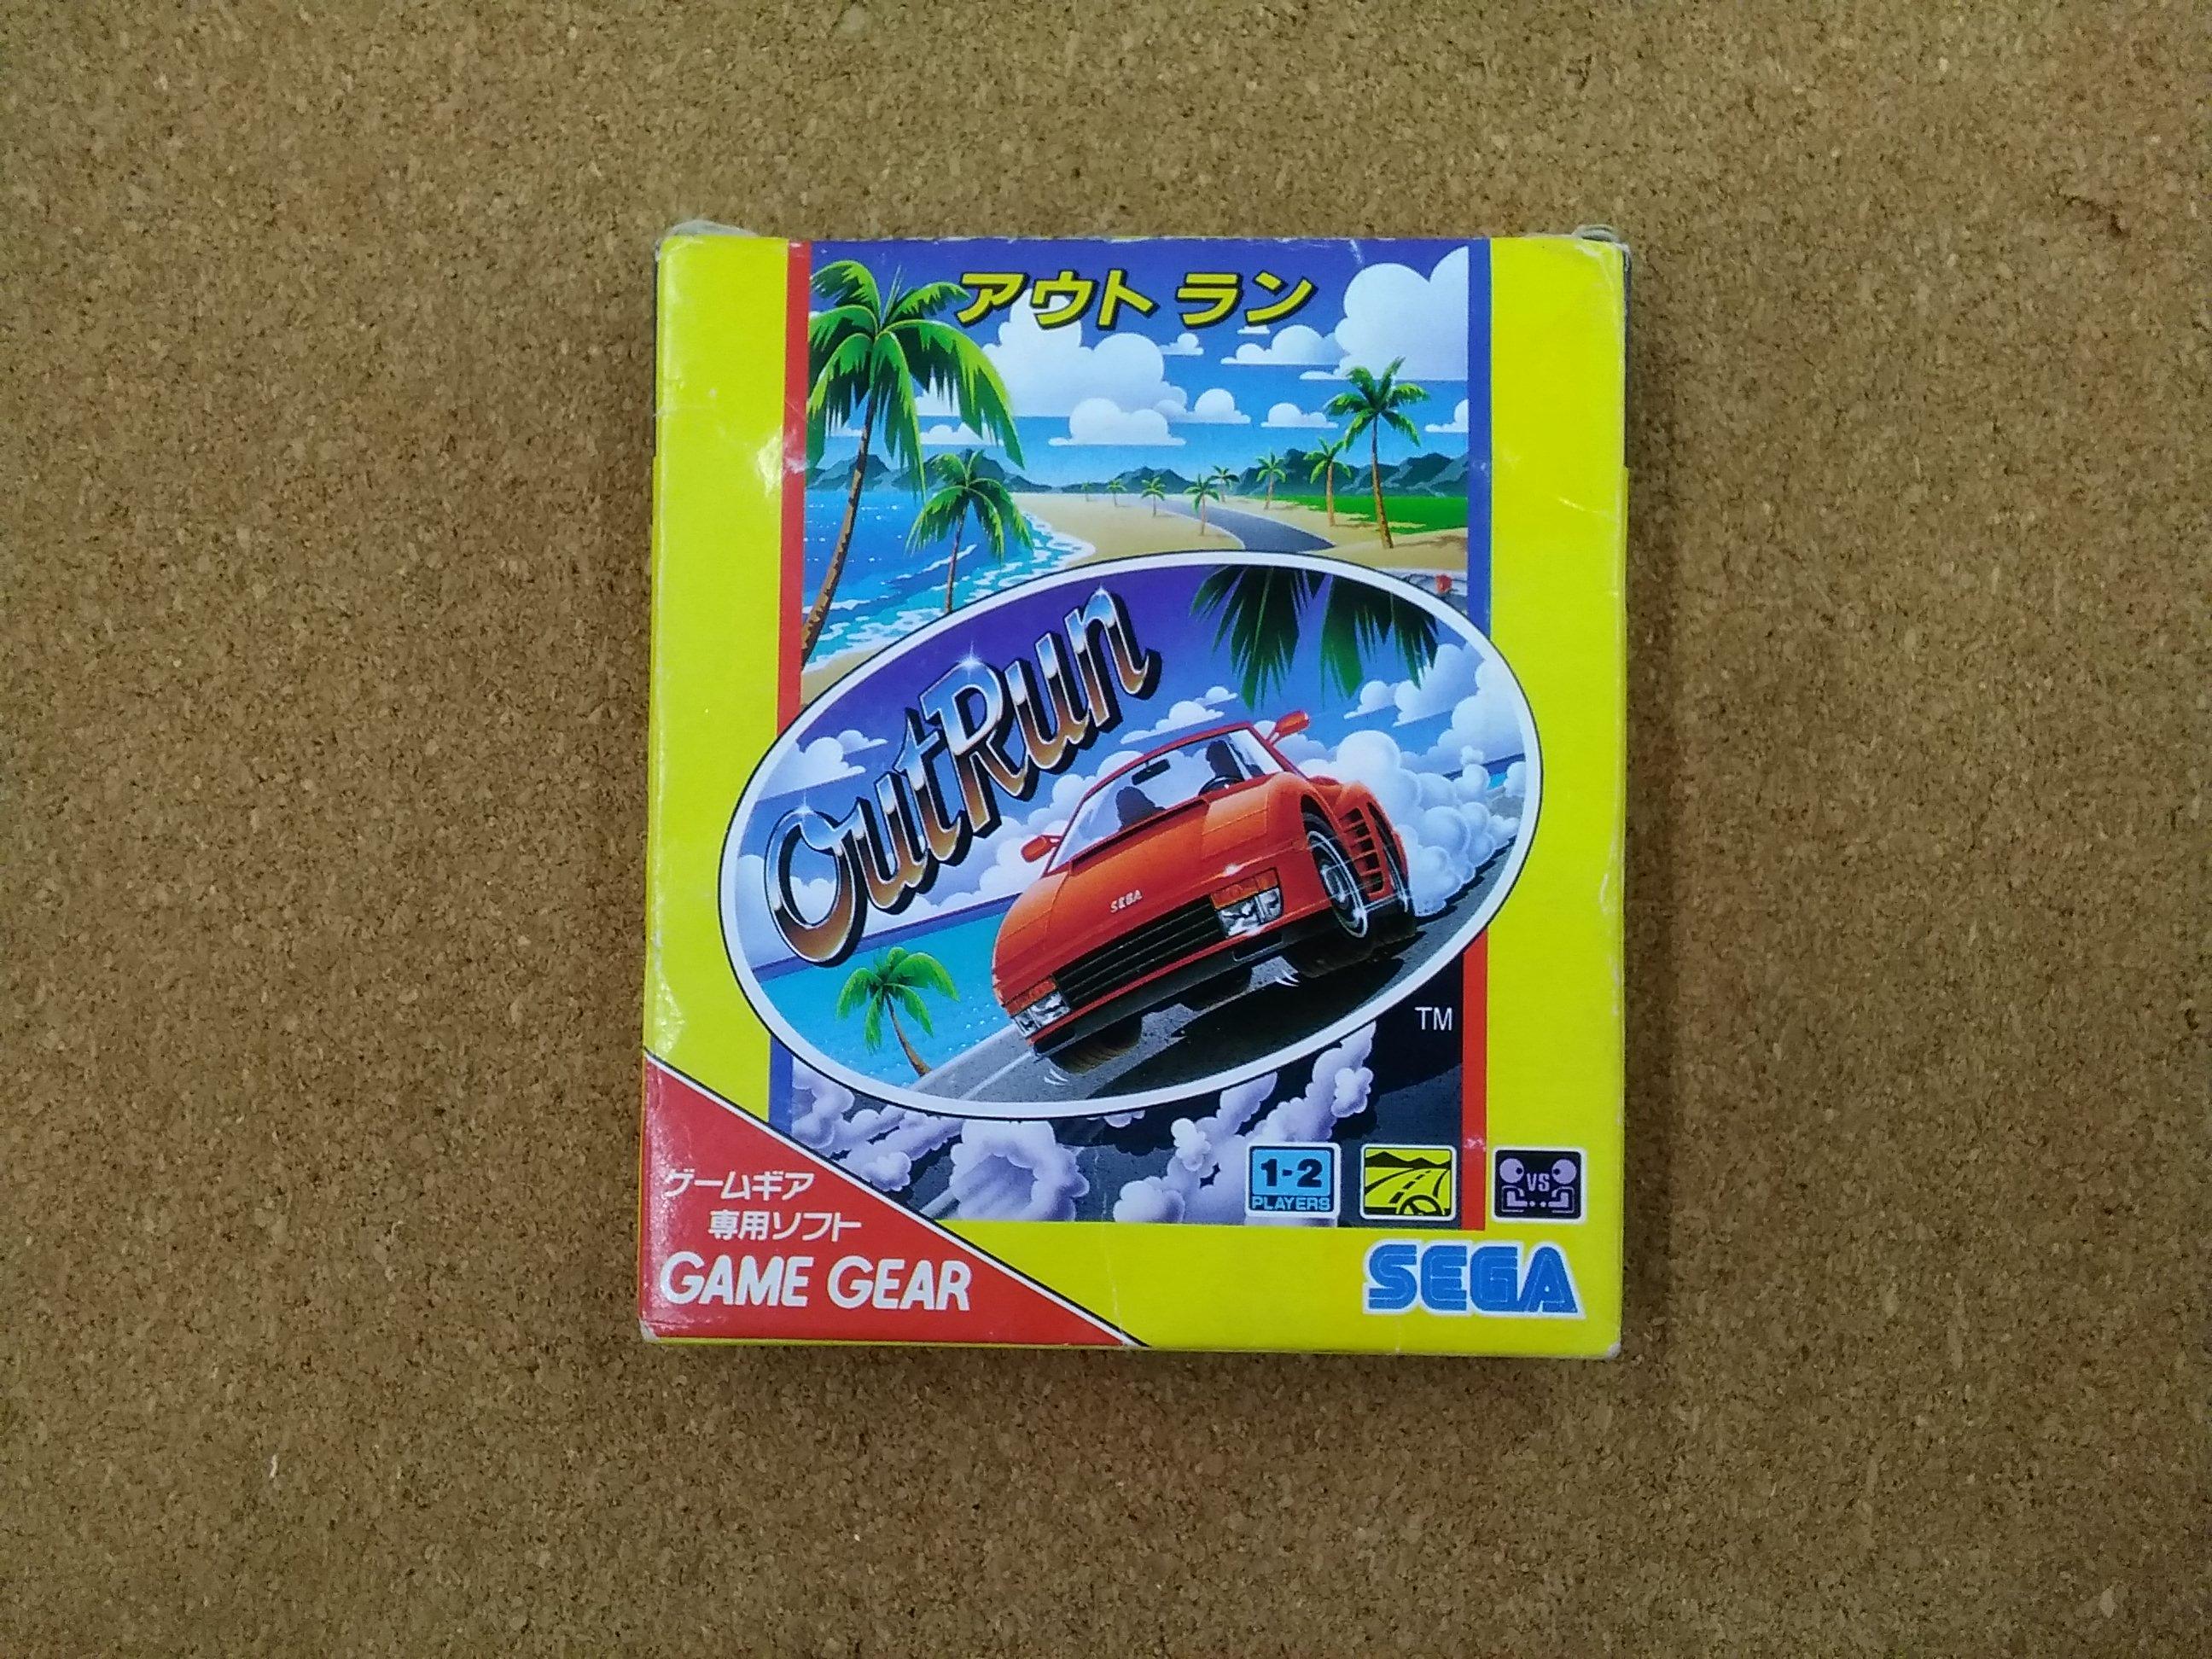 アウトラン g-3213 ゲームギアソフト|セガ